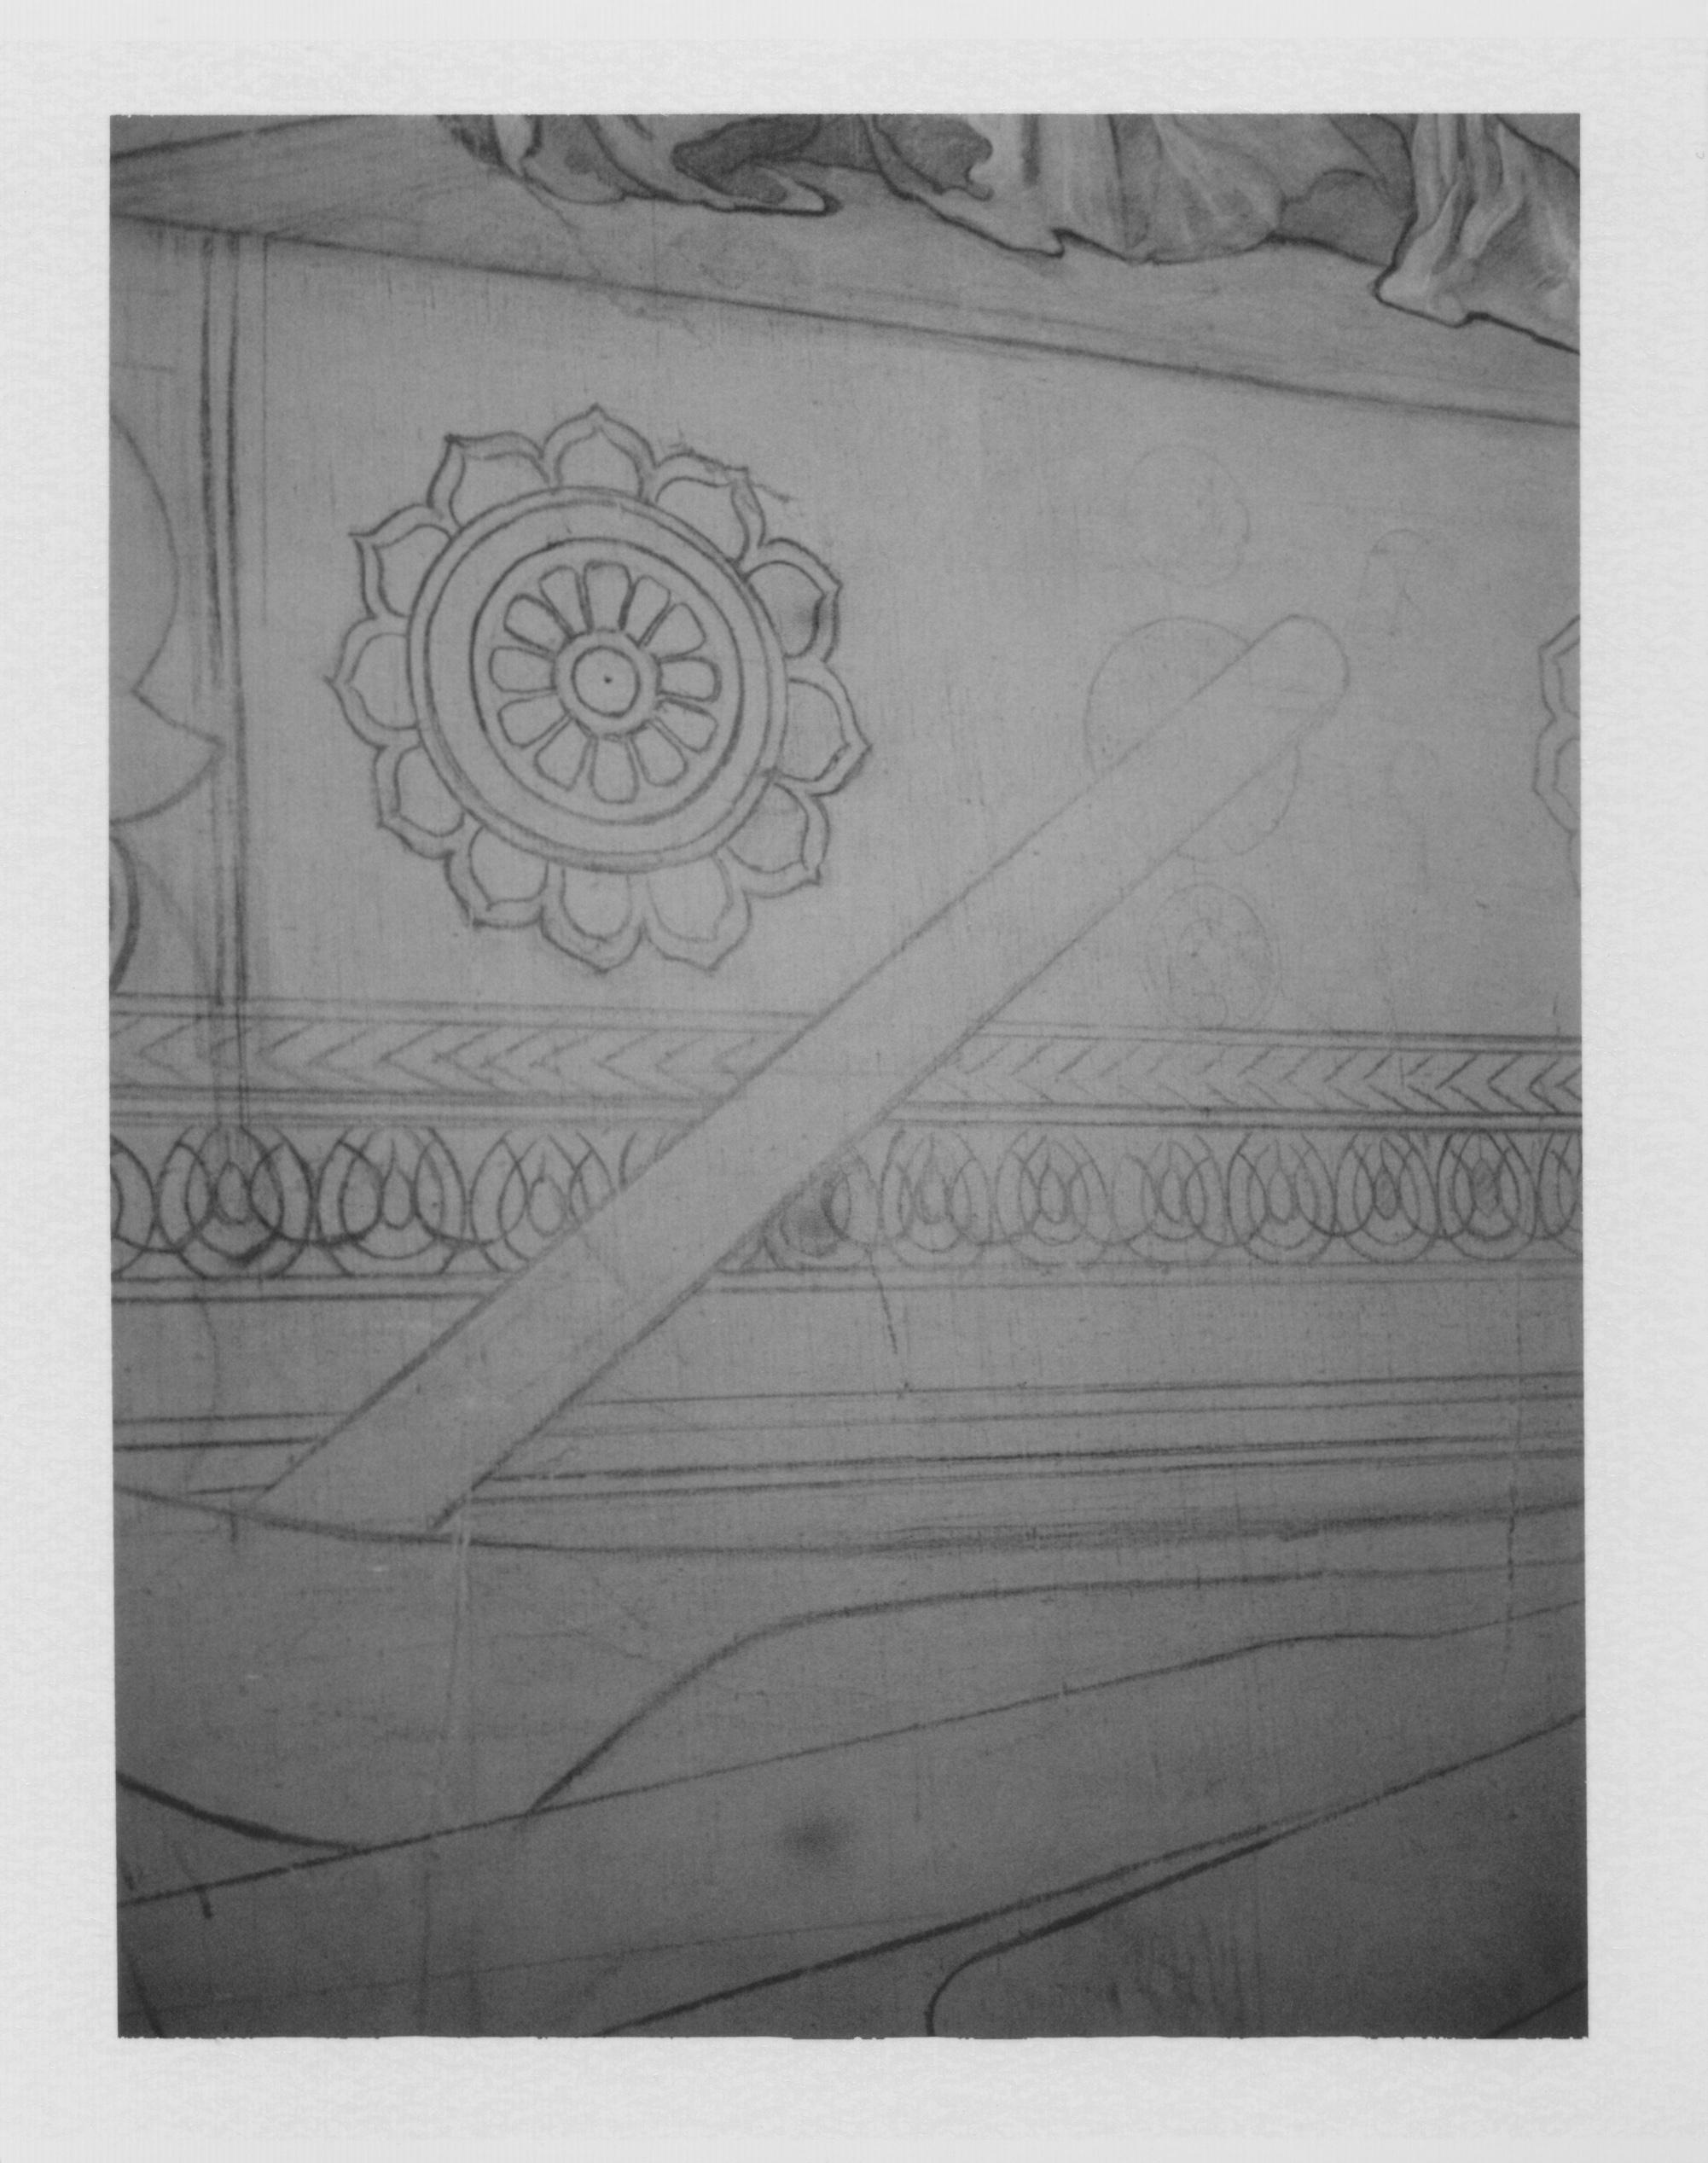 Soho House Libri - 5.jpg